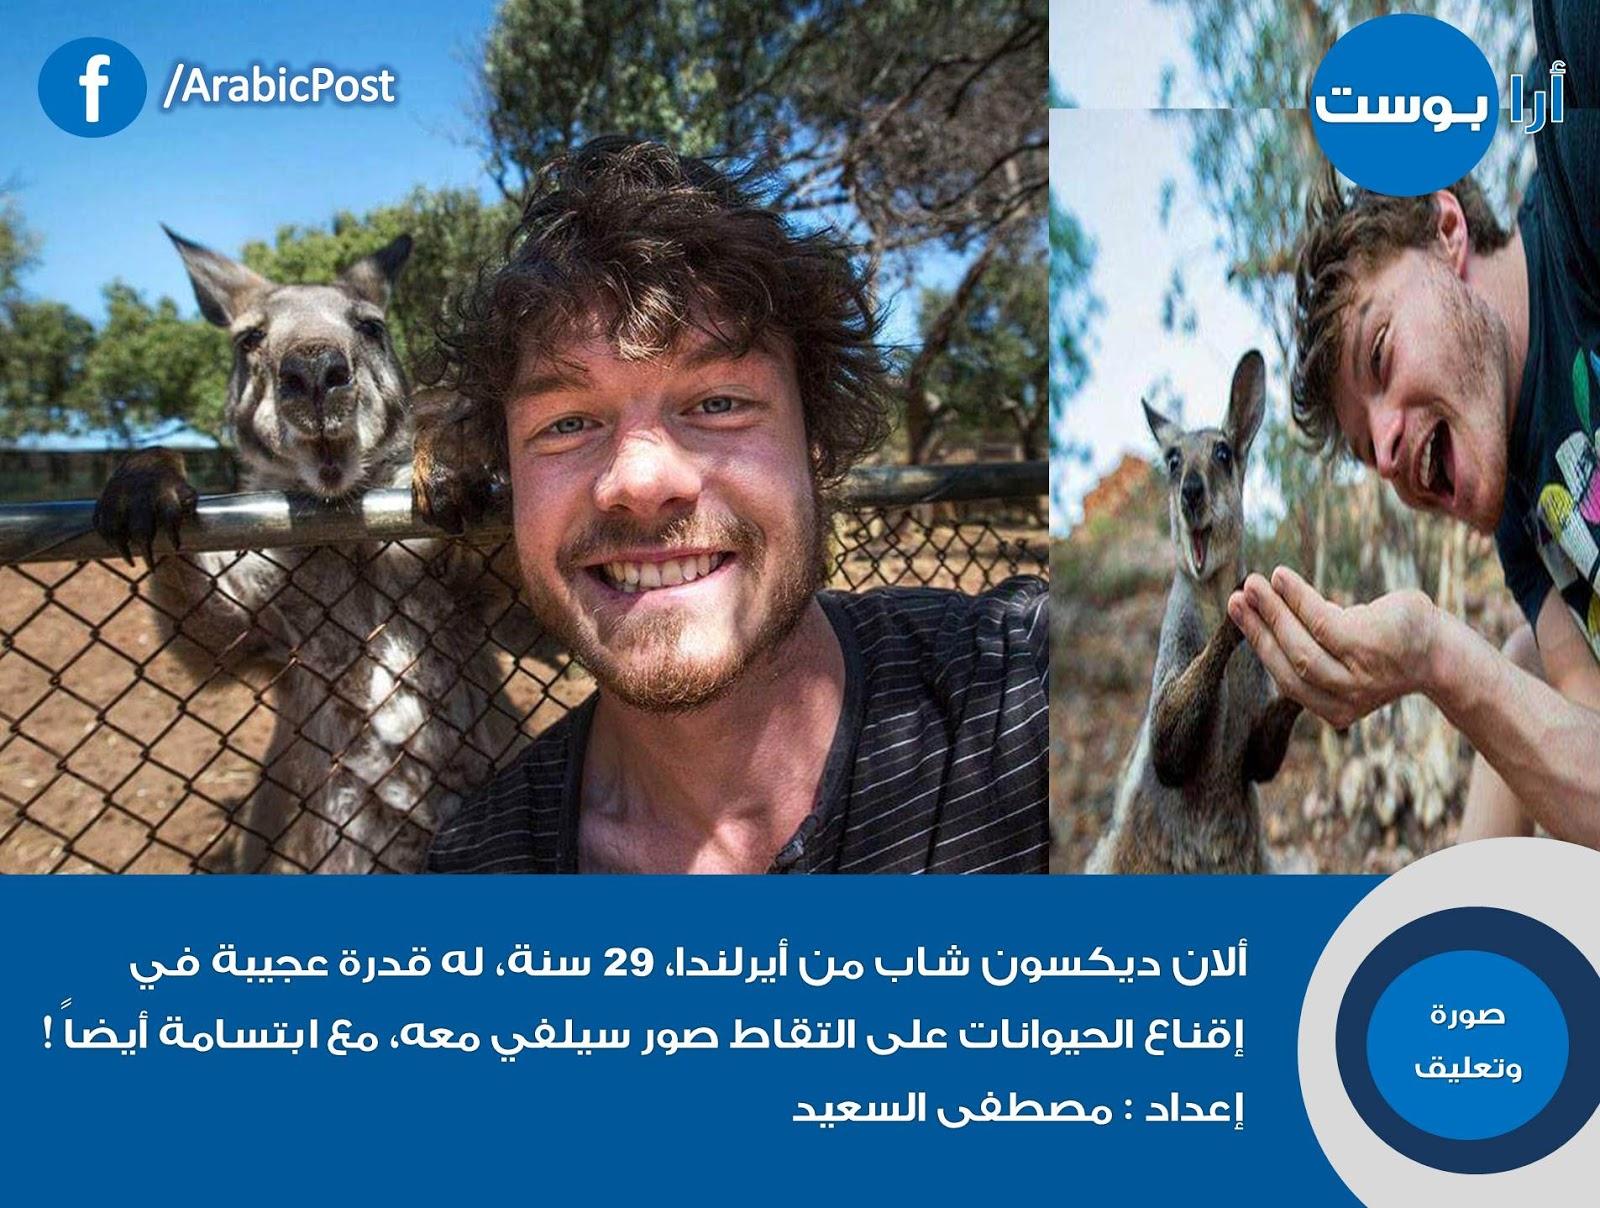 ألان ديكسون وإقناع الحيوانات على التقاط صور سيلفي معه !